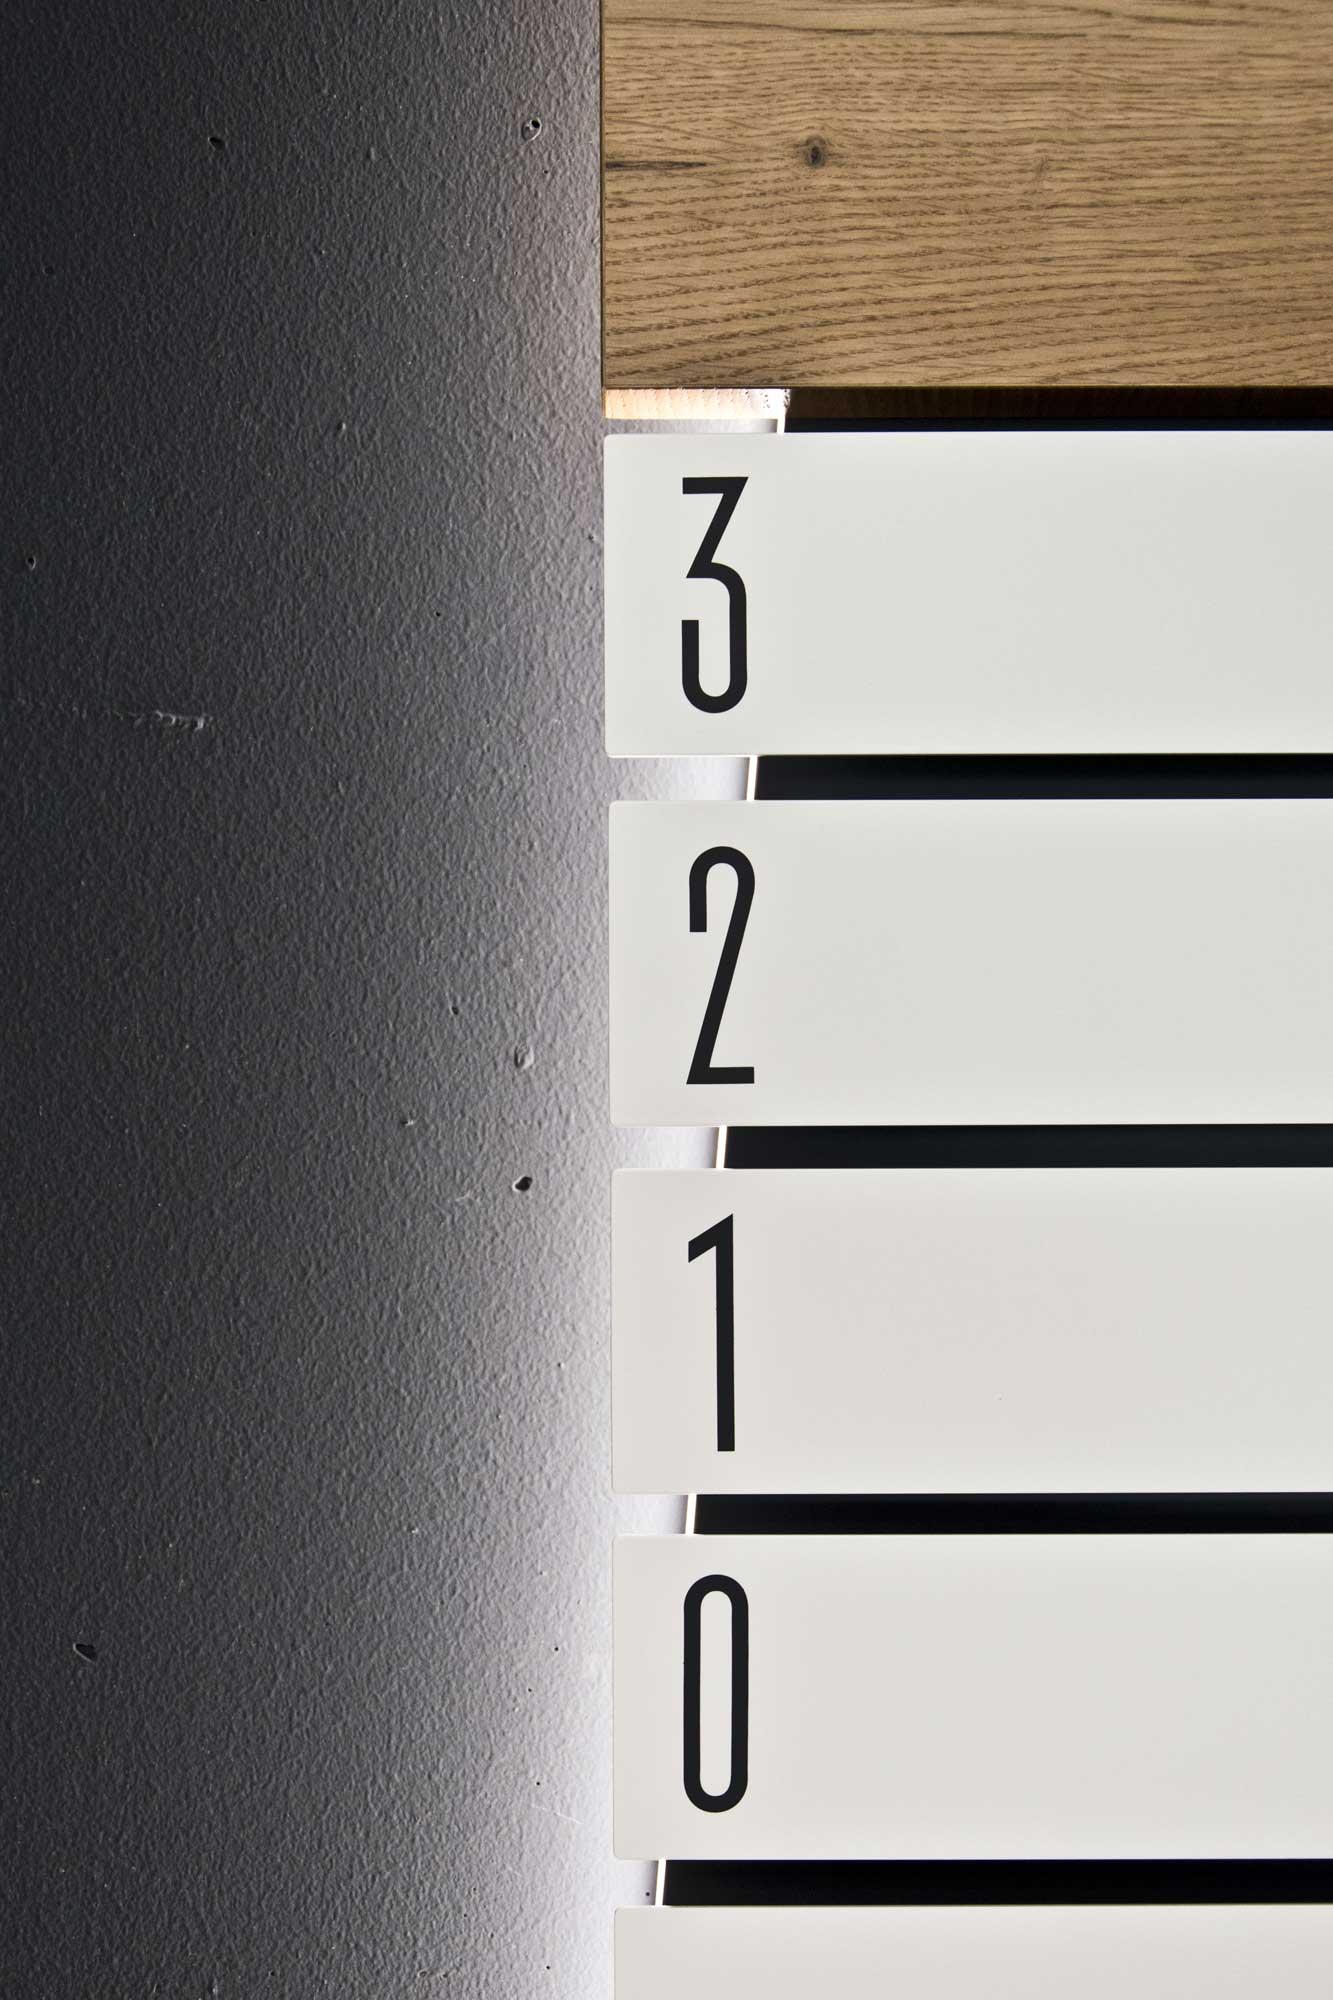 Leit- & Informationssystem The Beach, Düsseldorf | Etagenübersicht im EG, Detail Informationsstele | Keywords: Etagenkennzeichnung, Signaletik, Leitsystem, Orientierungssystem, Büro, Office, Design, Grafikdesign, Typografie